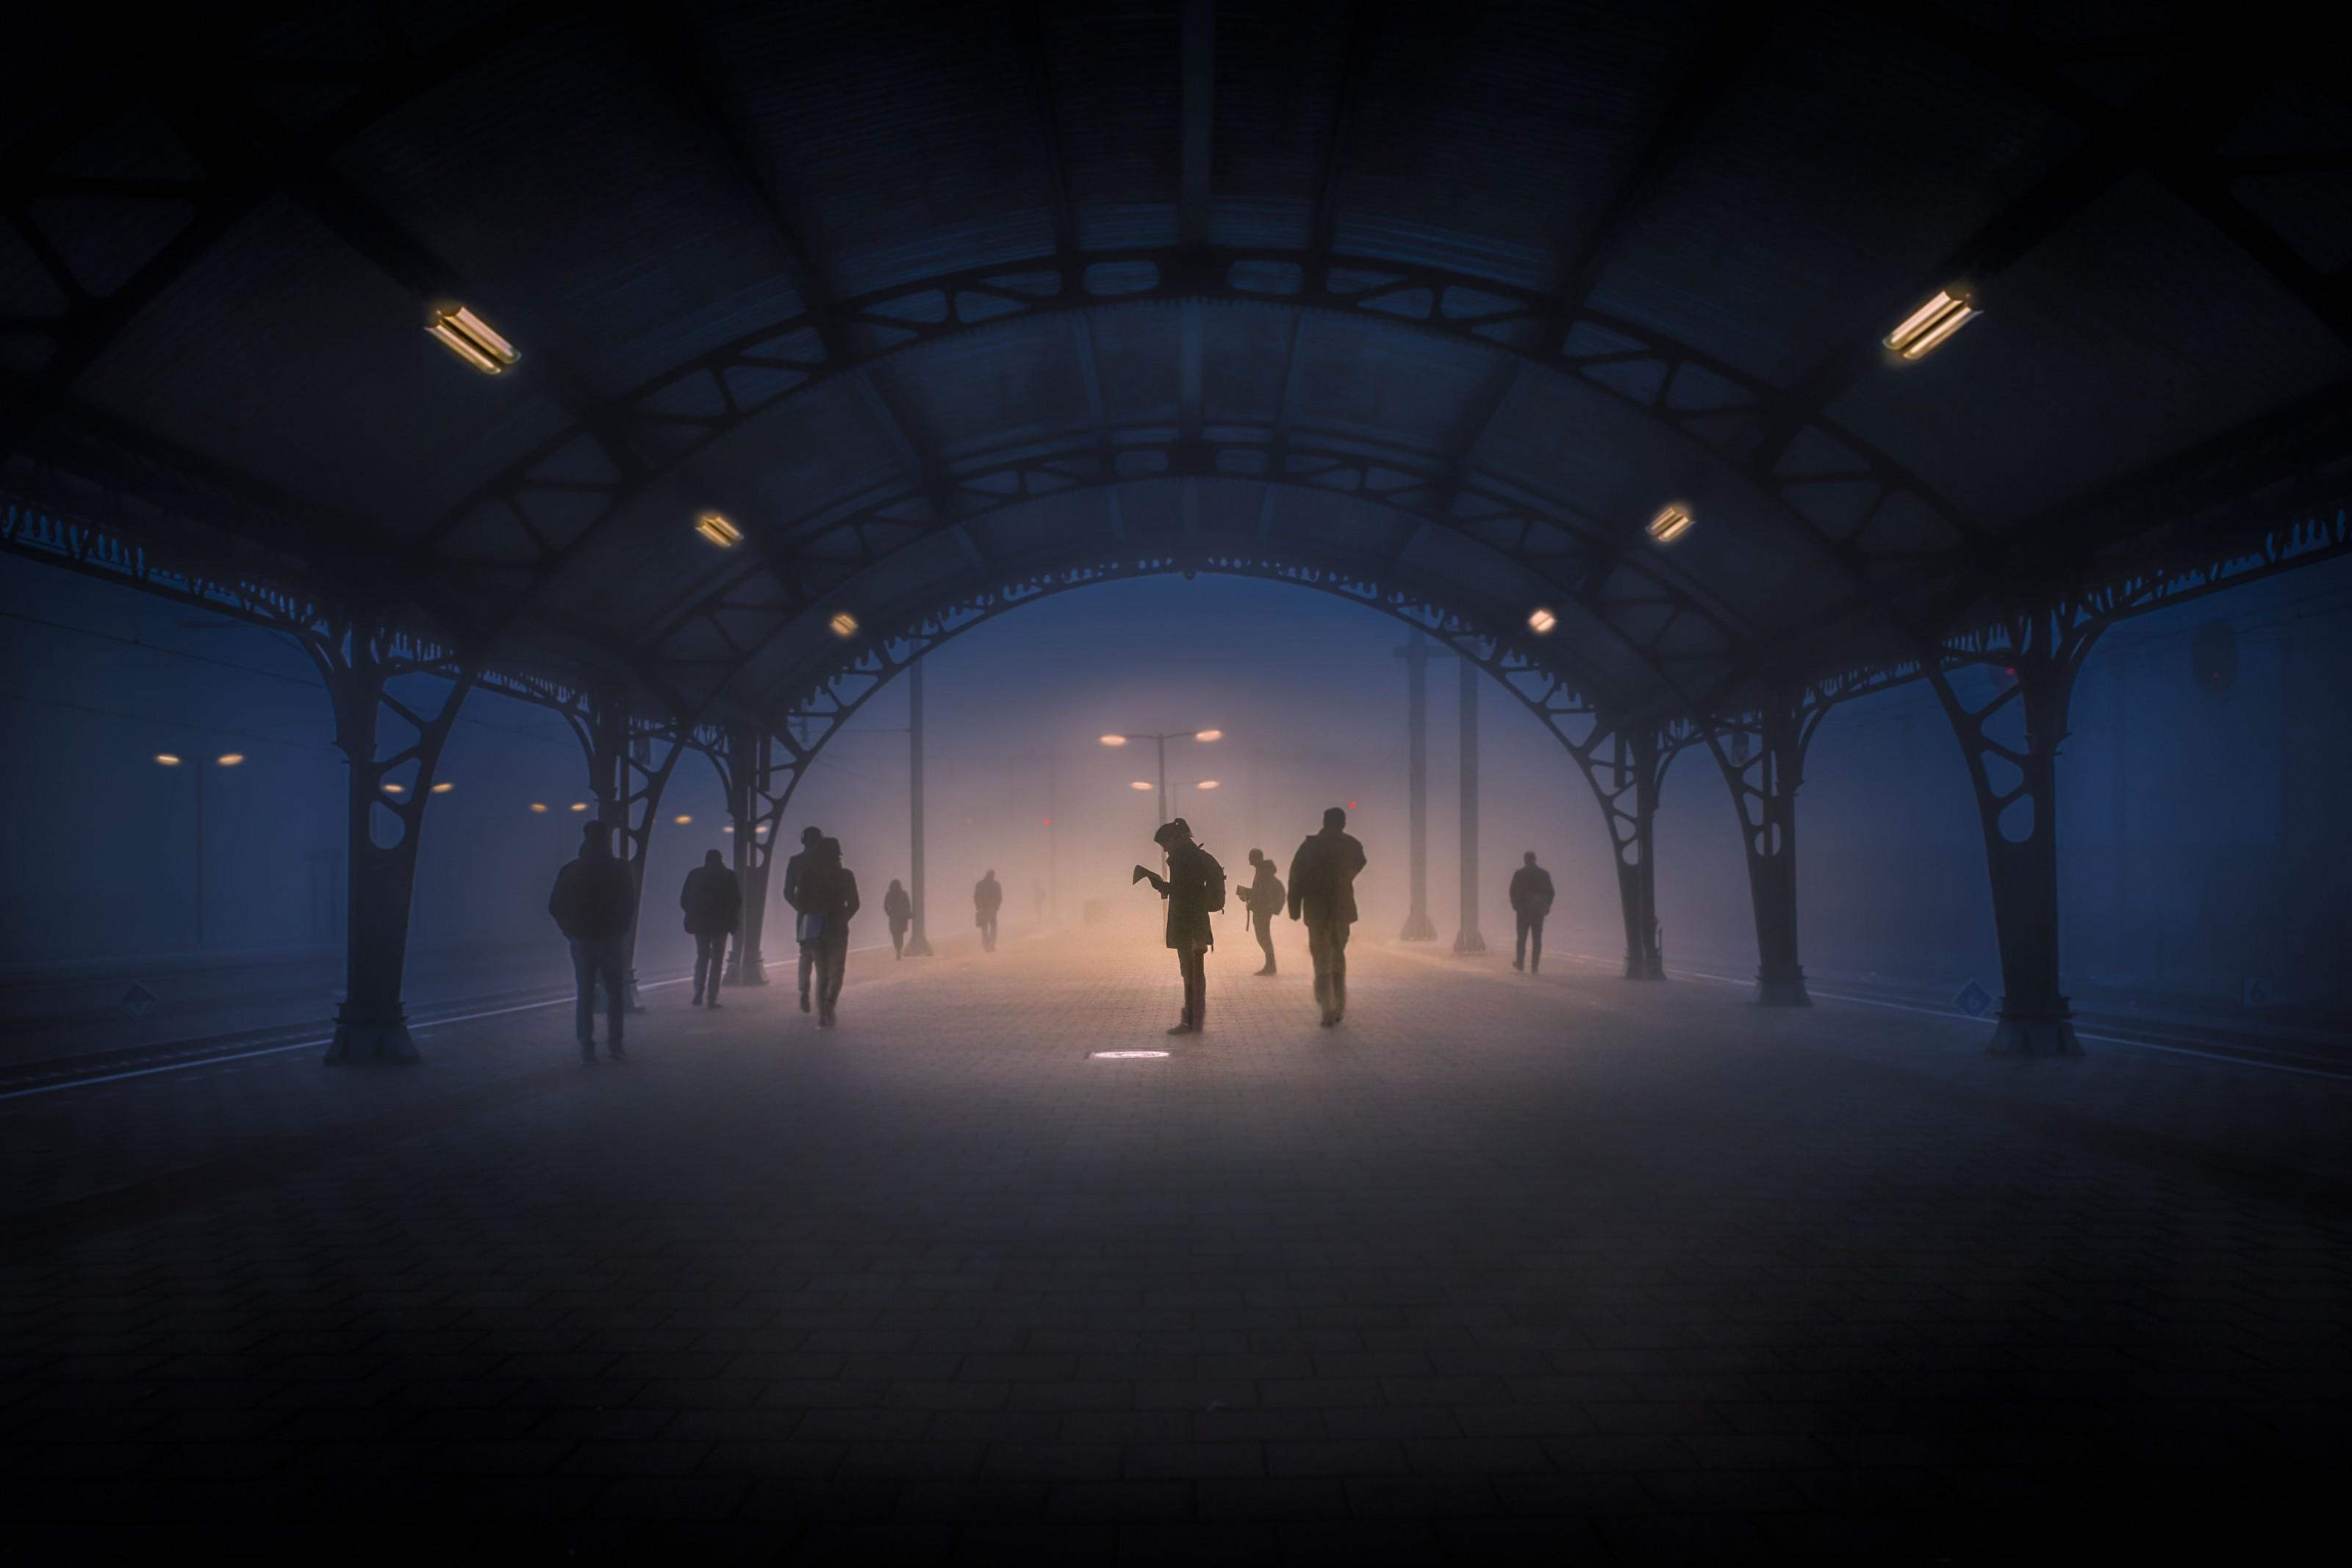 Verbindung im Nebel